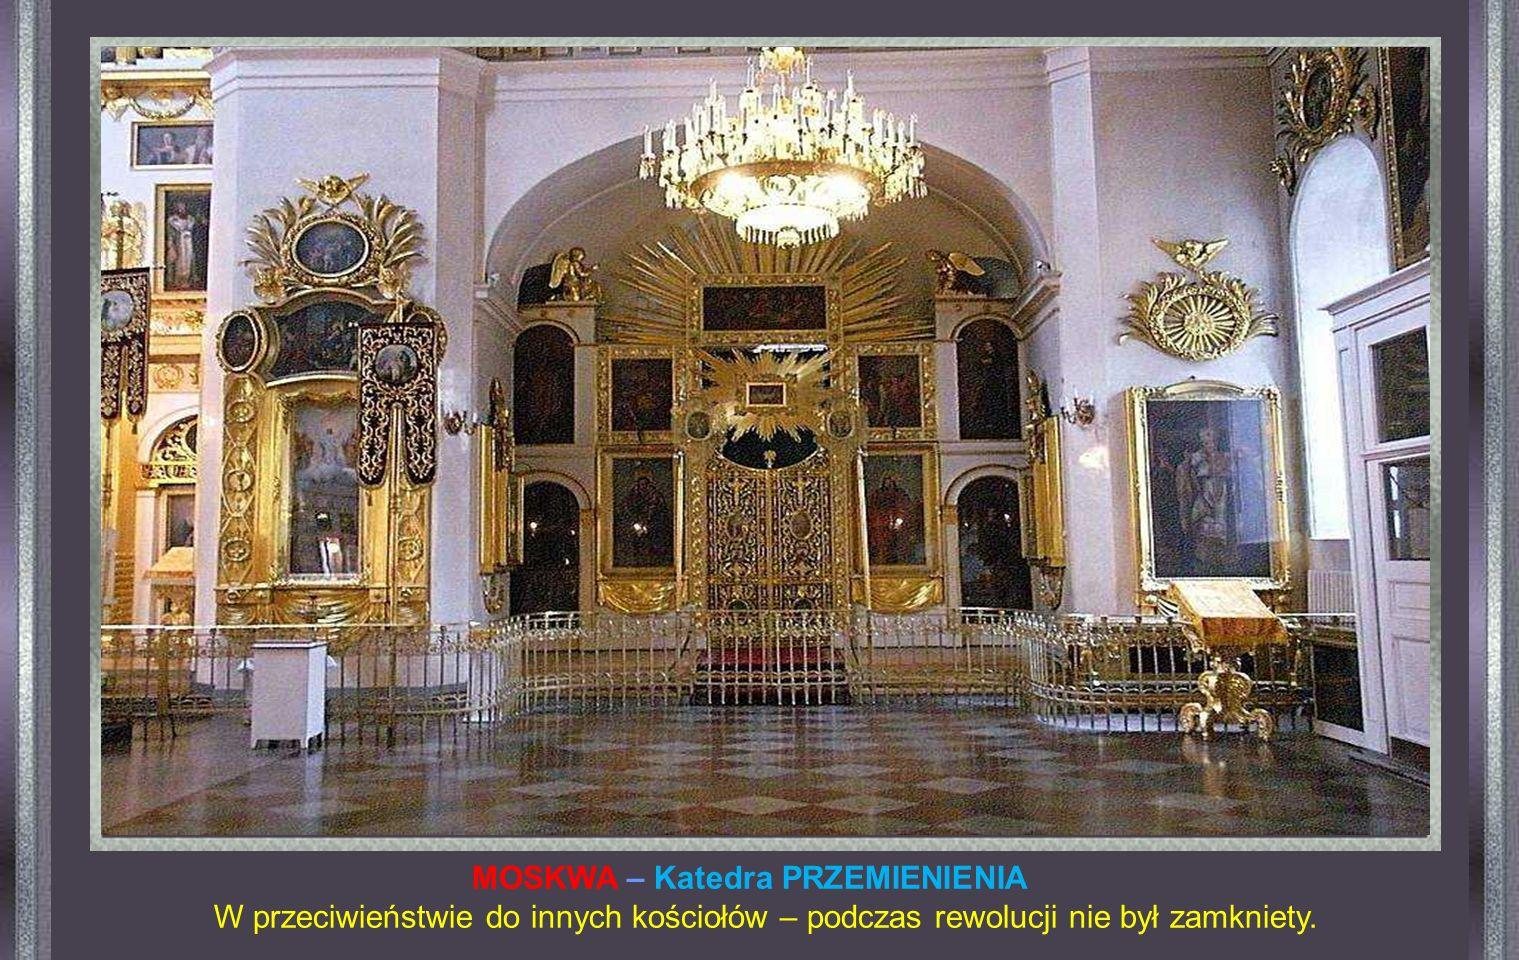 MOSKWA - Katedra św. LUDWIKA